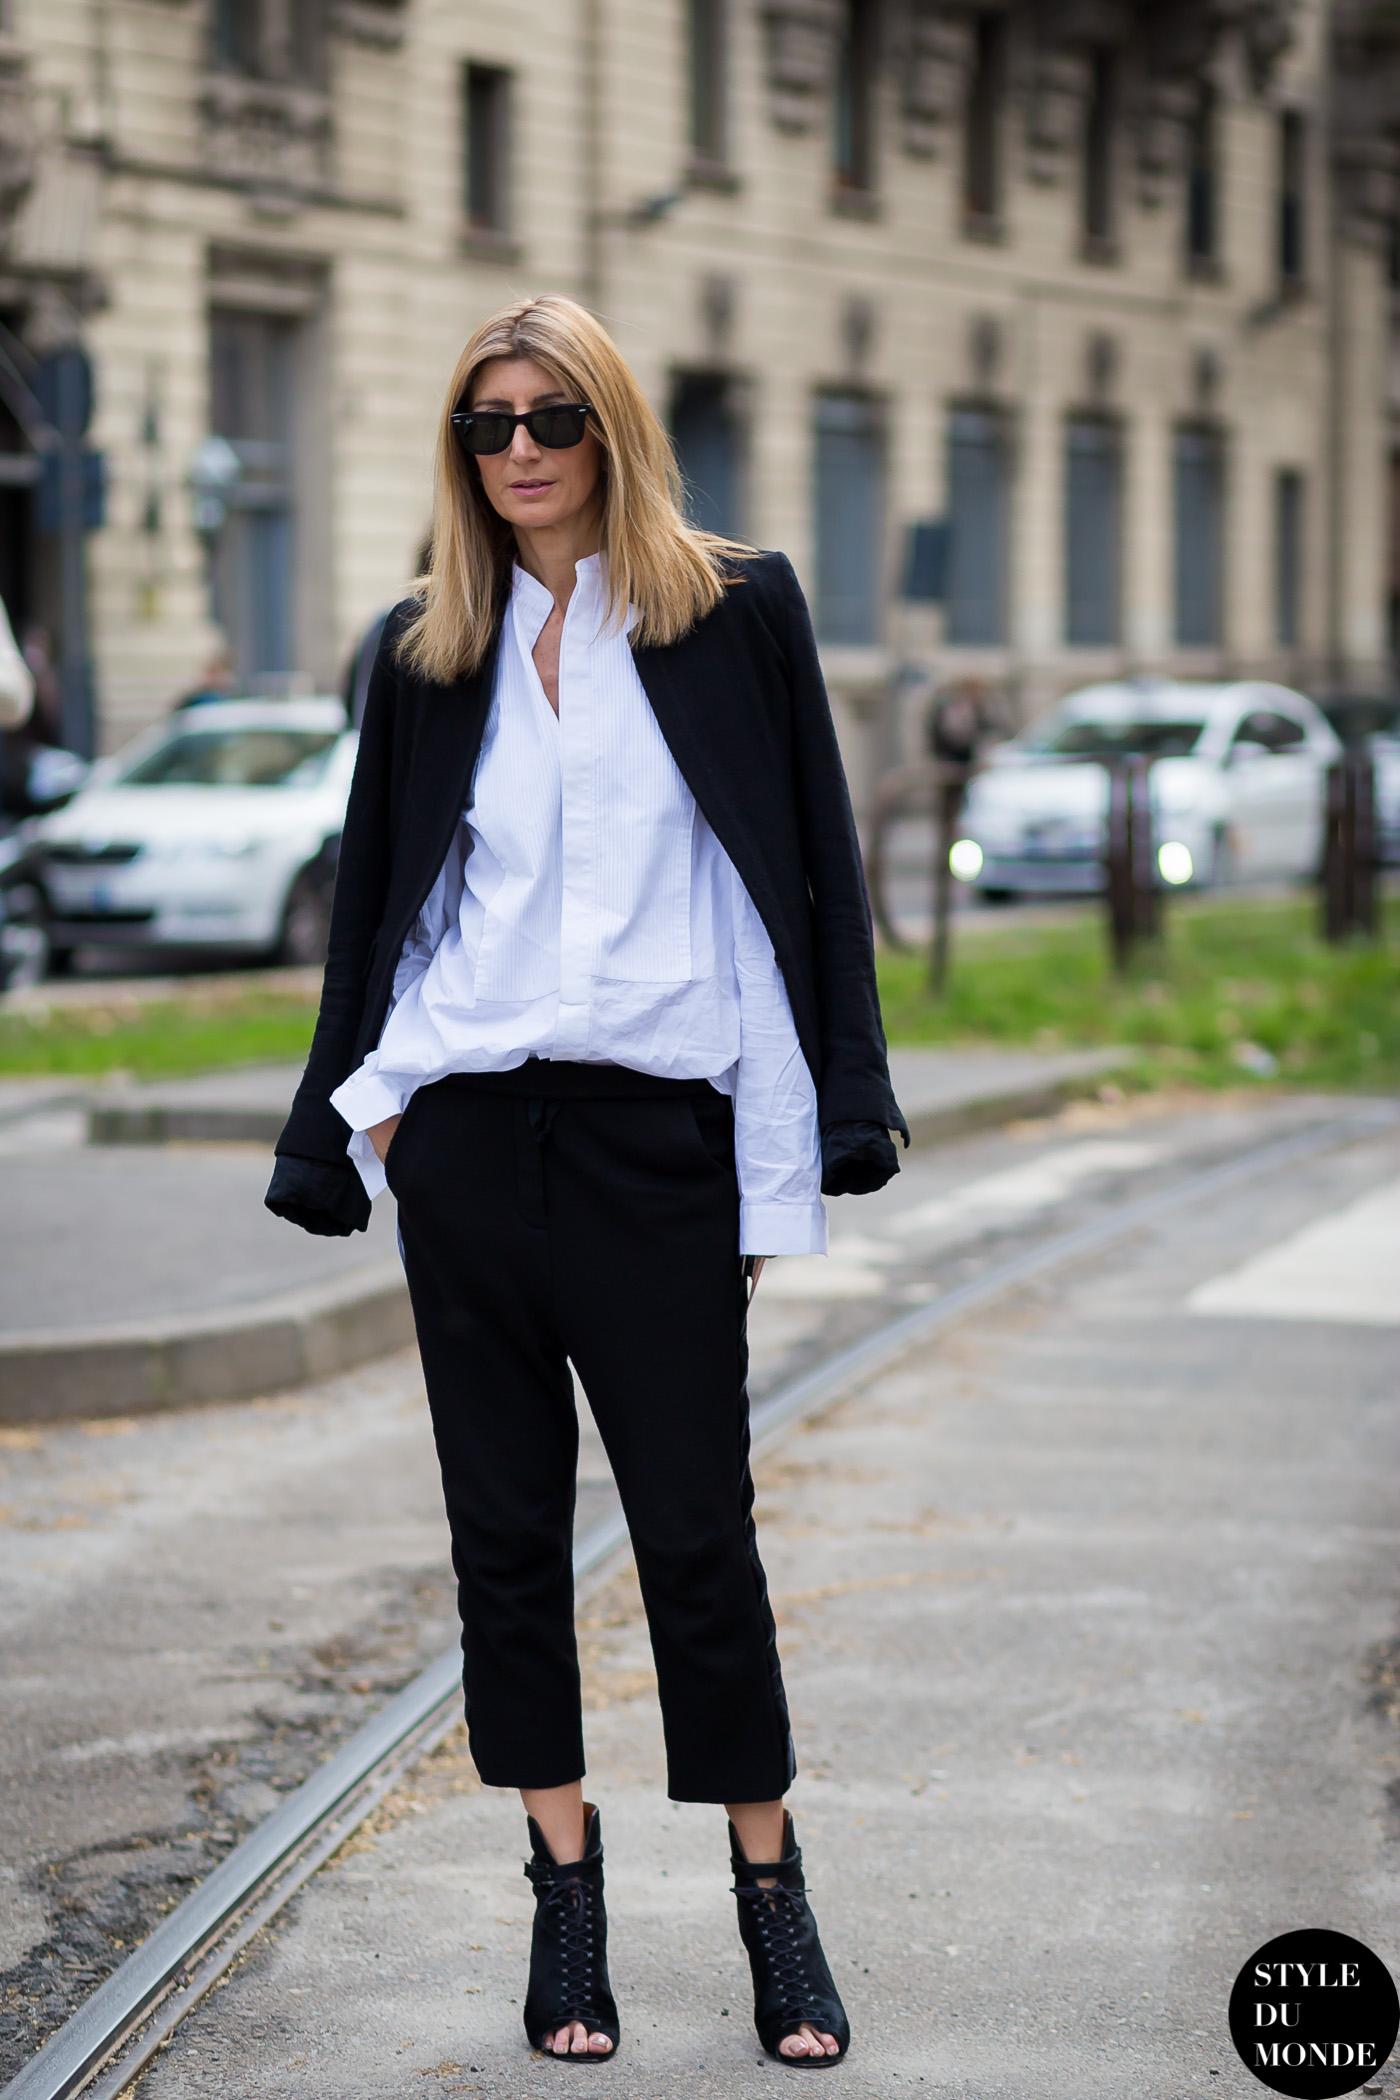 Milan Fashion Week FW 2015 Street Style: Sarah Rutson ...